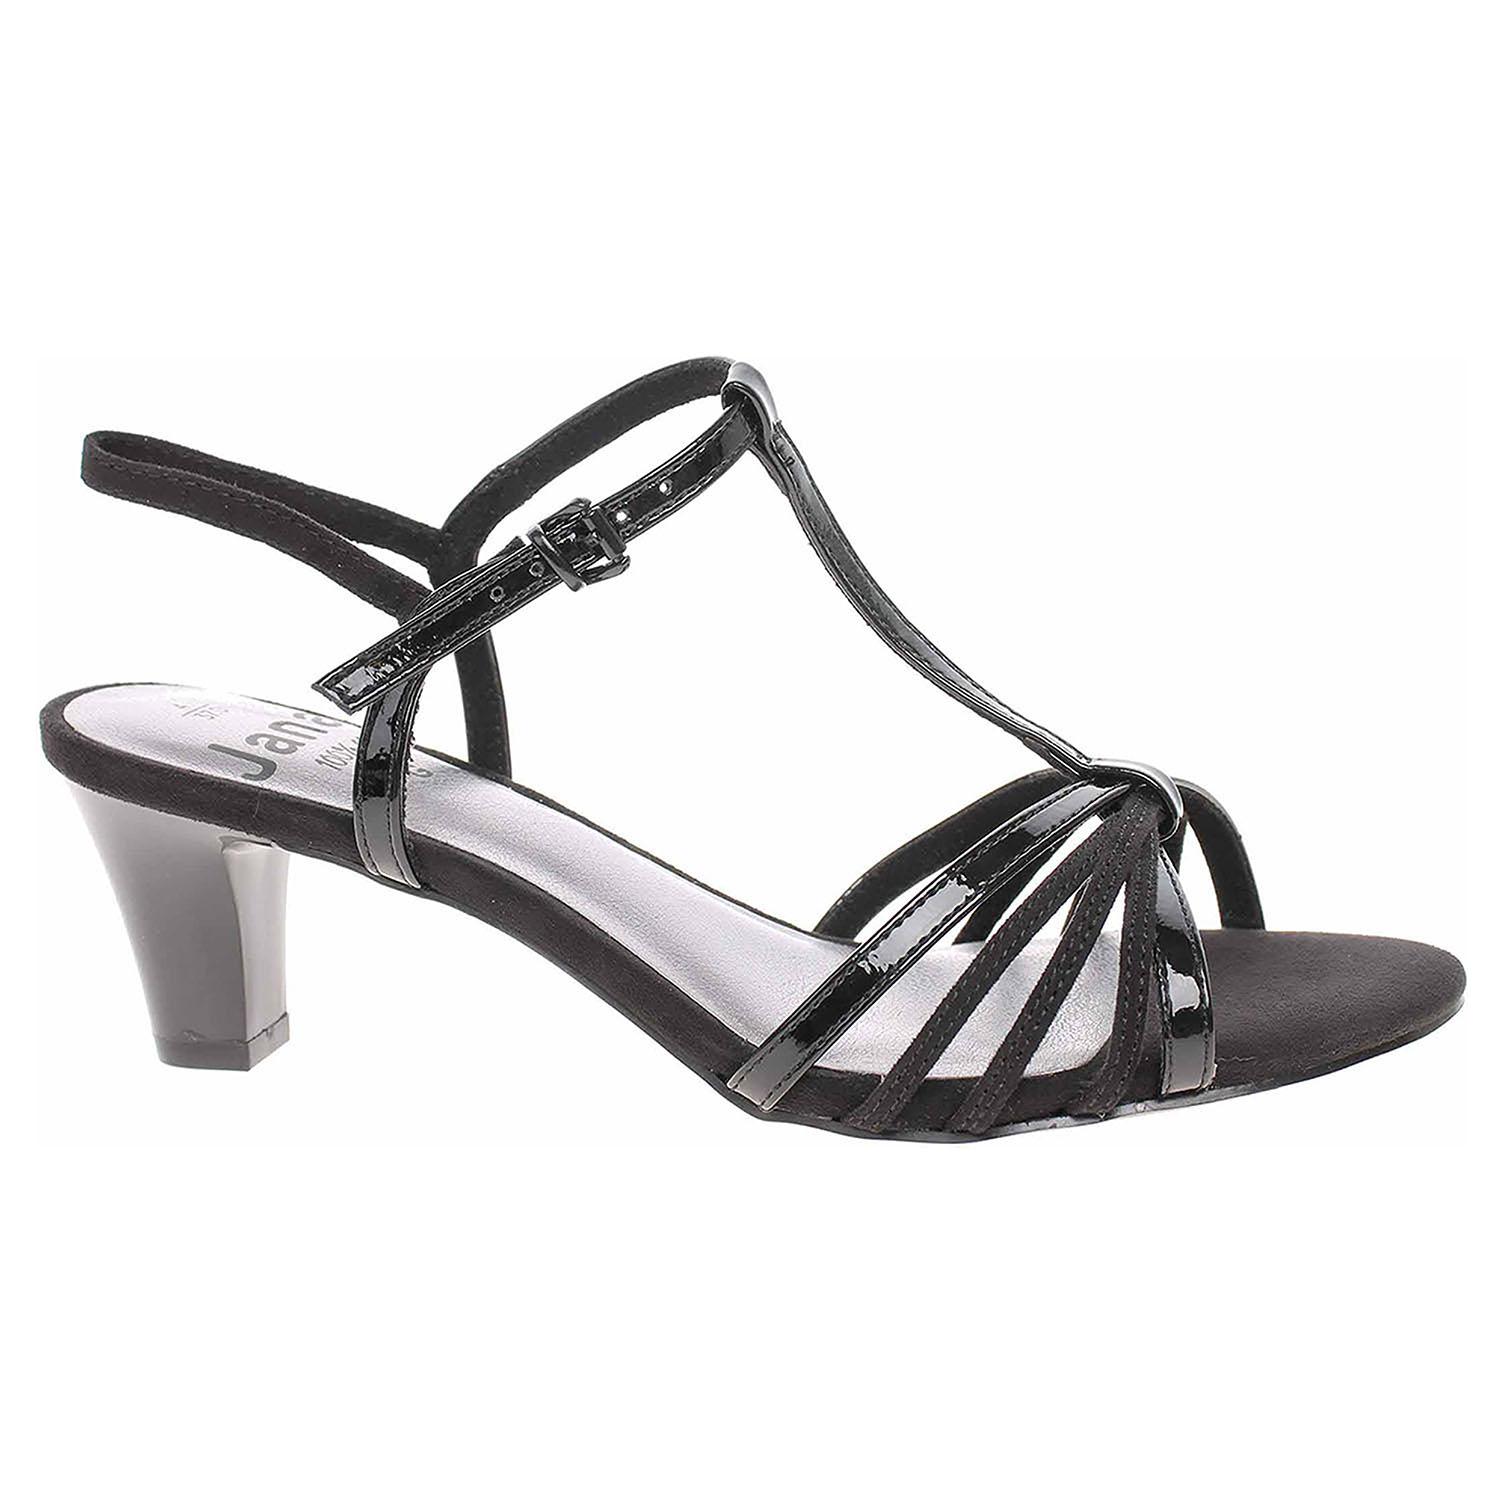 Dámská společenská obuv Jana 8-28316-24 black 8-8-28316-24 001 39